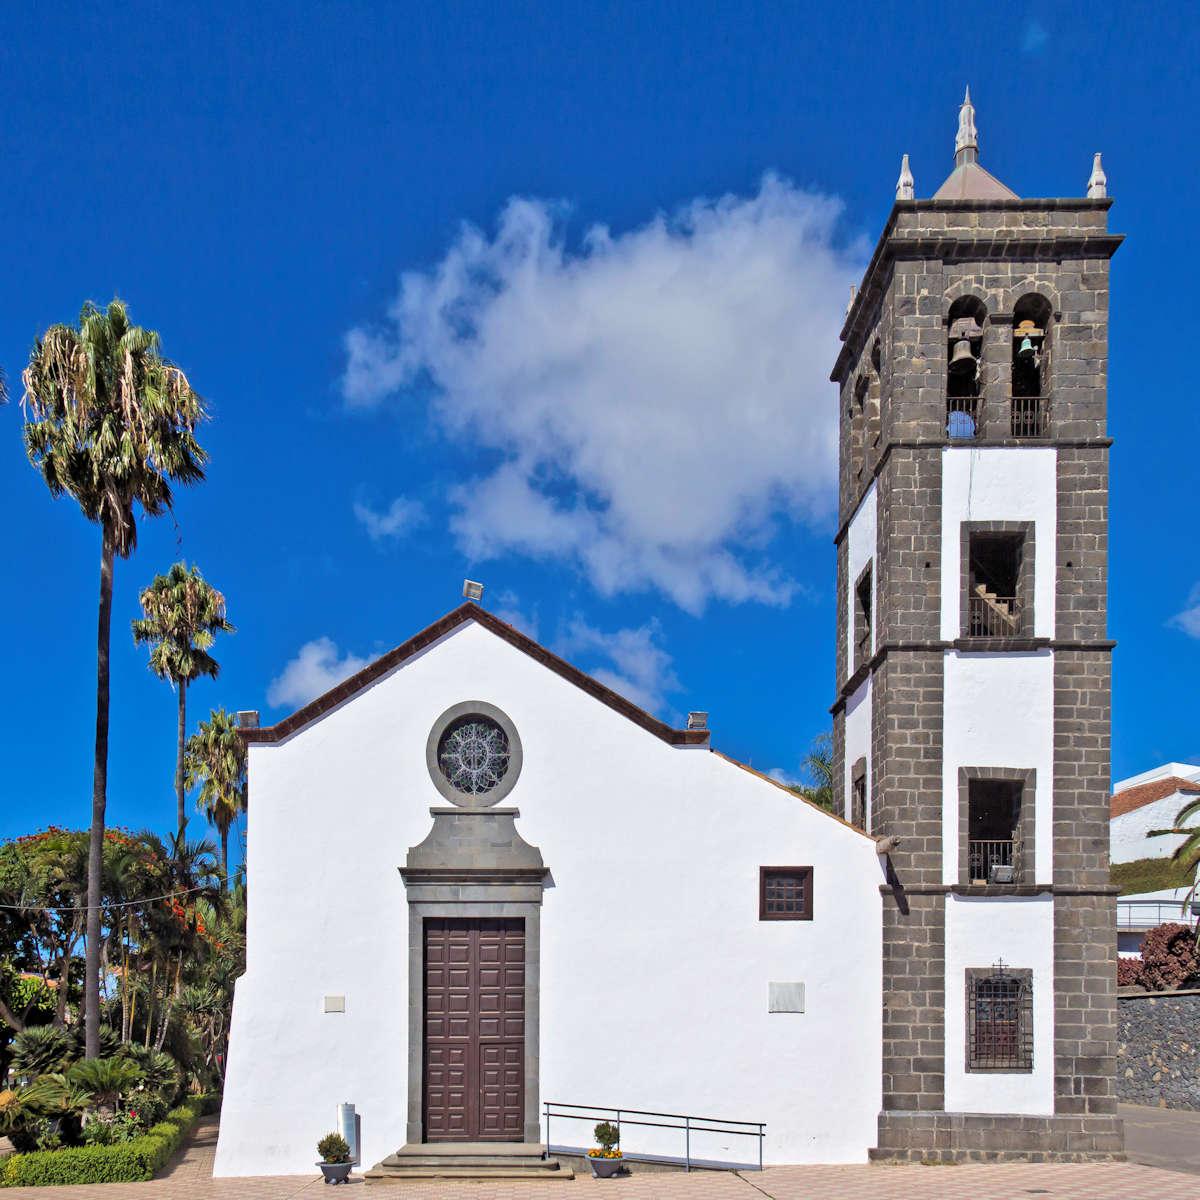 Plaza-de-San-Pedro-iglesia-Parroquial-El-Sauzal-Tenerife